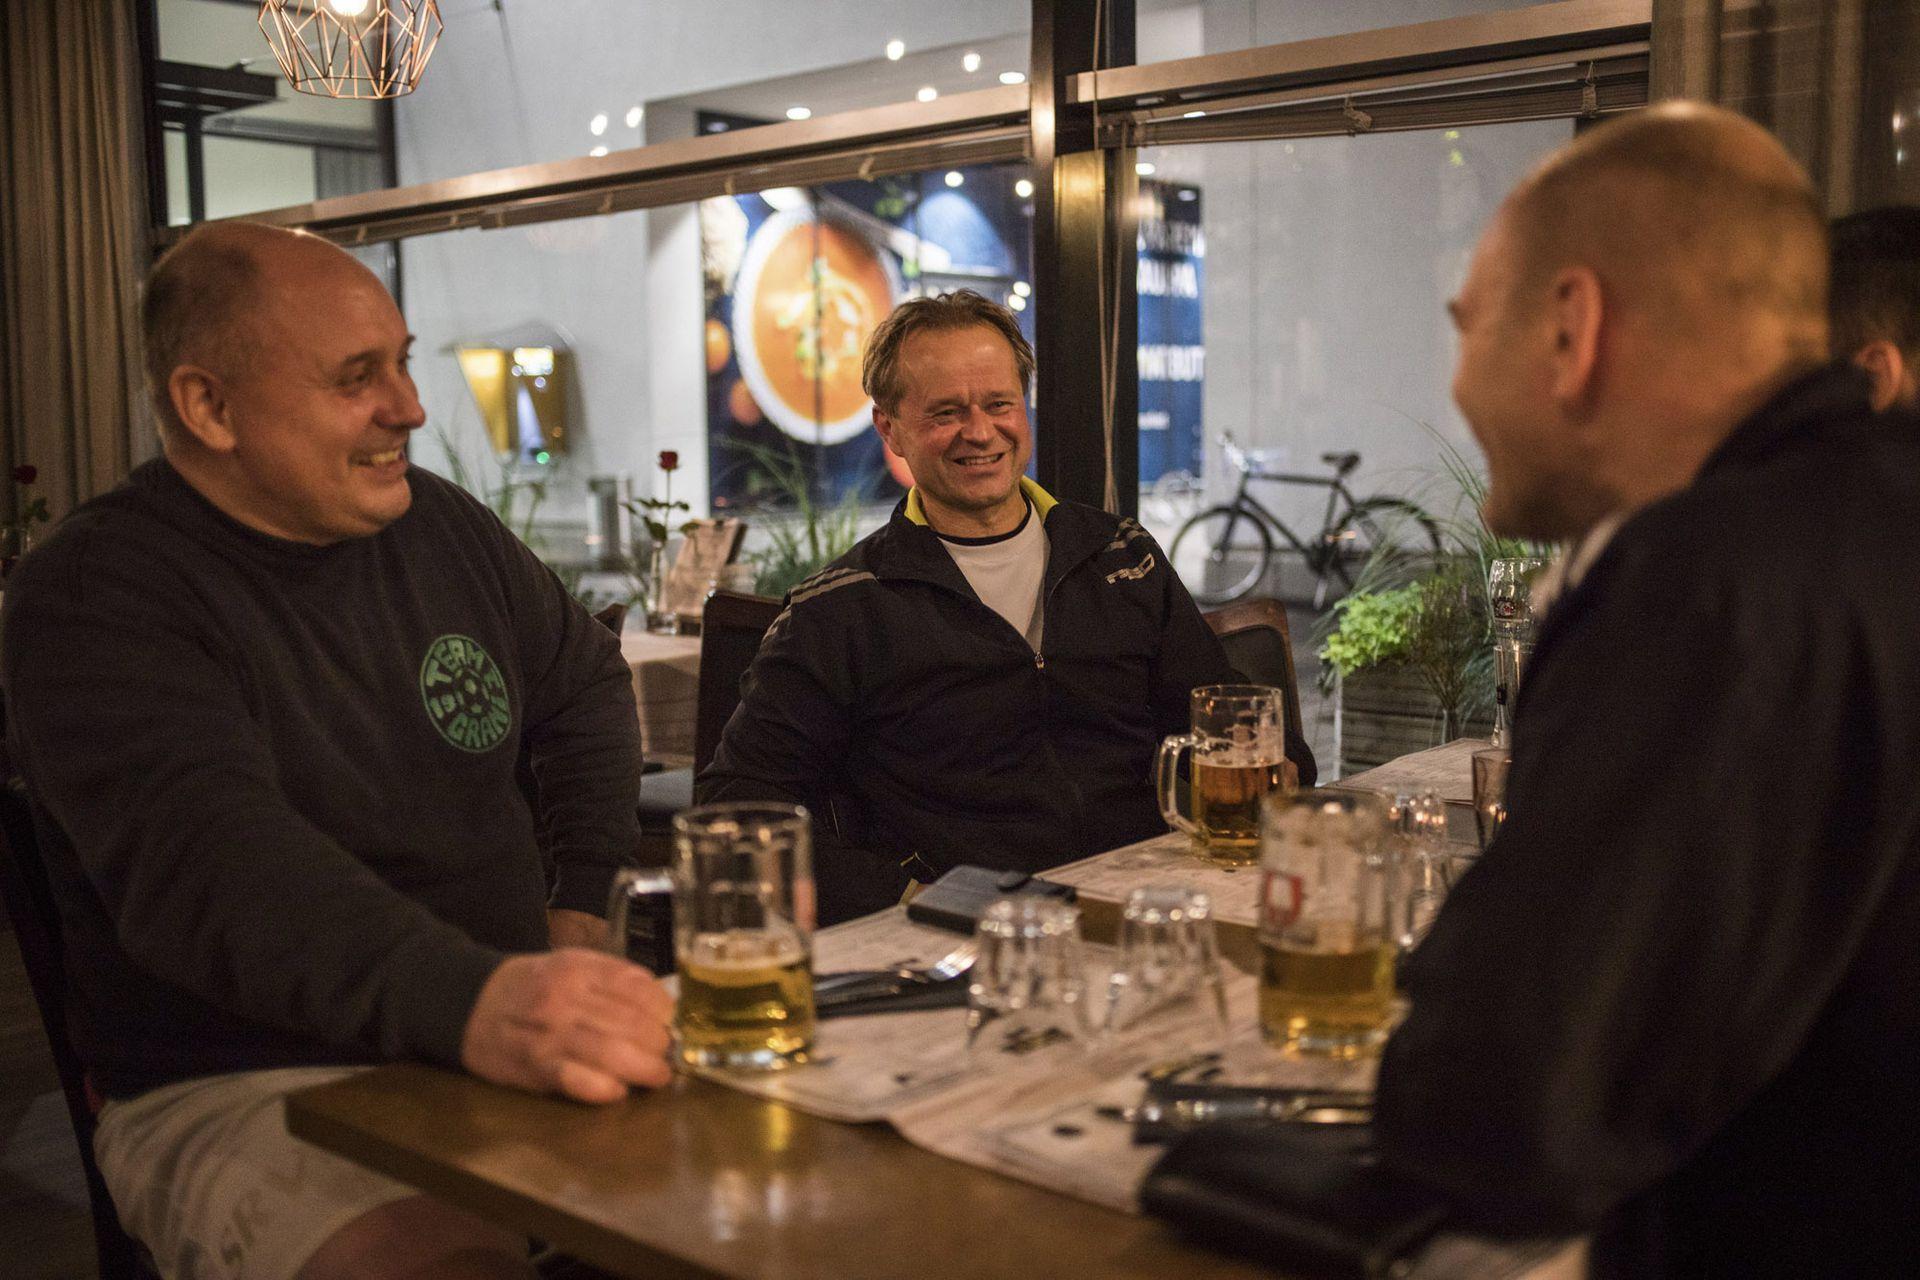 Después de la práctica de fútbol, Antti Raunemaa, desde la izquierda, Nicke Tevajarni y Johan Hilli toman una copa en Moms, el único bar nocturno, en Kaunianen